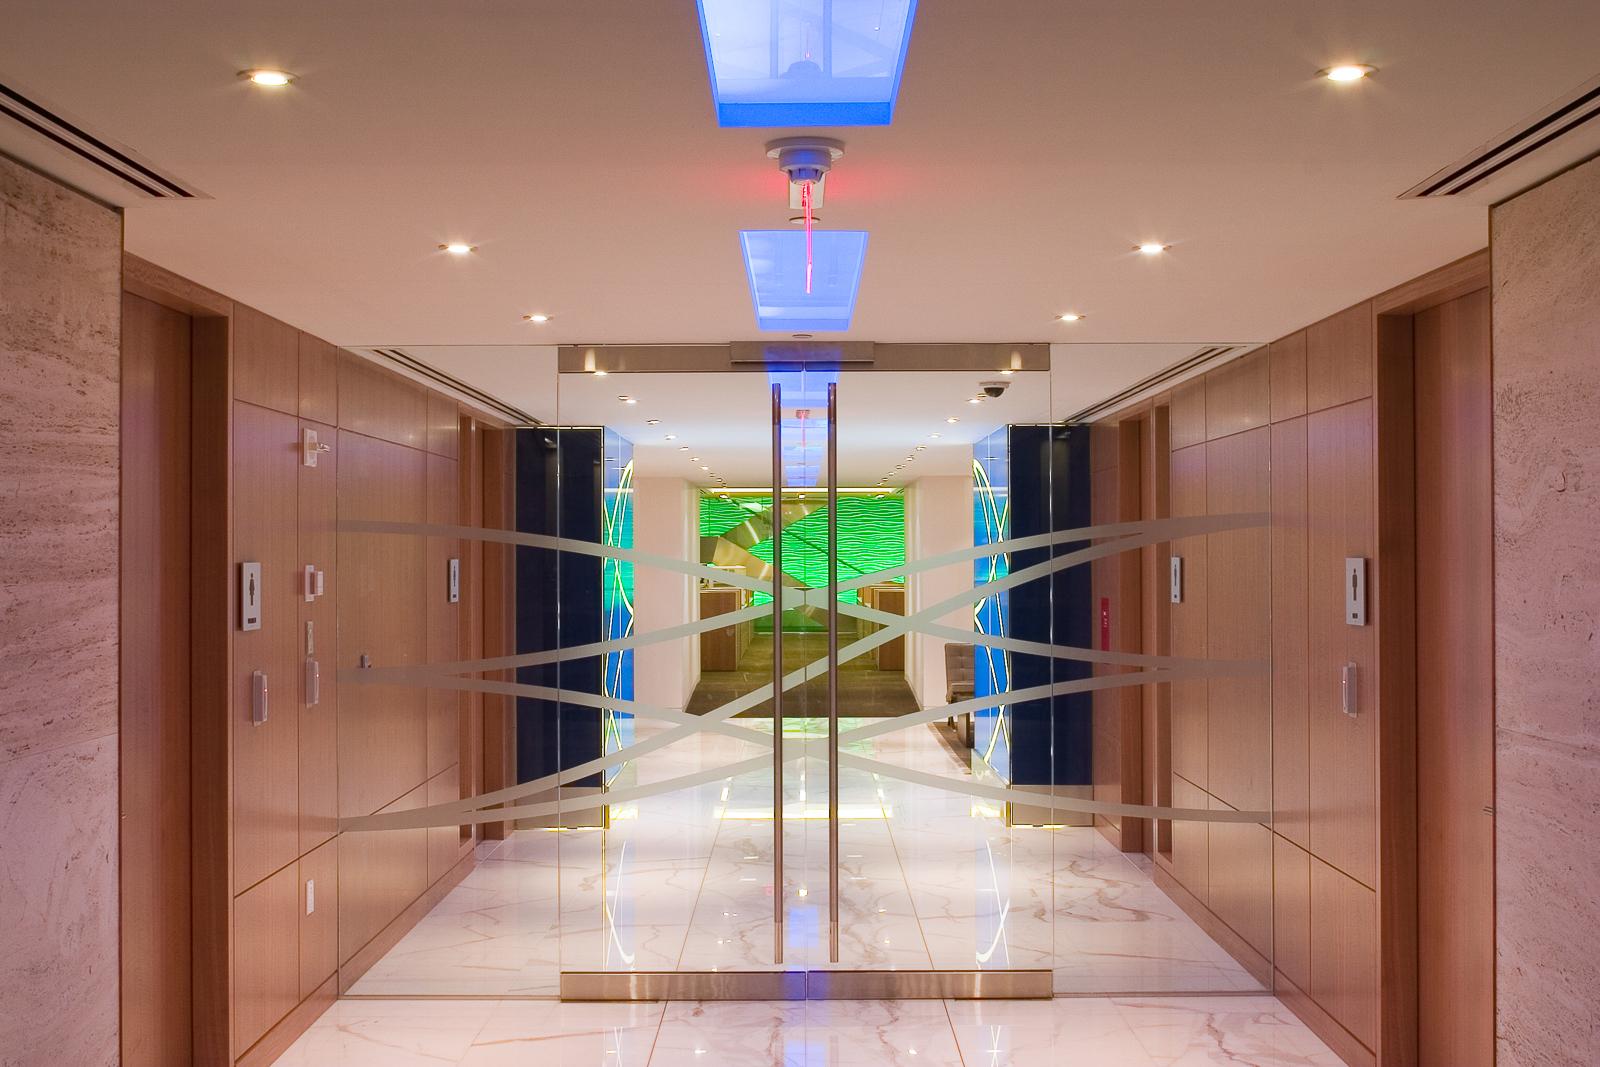 02 Floor2 Lobby1